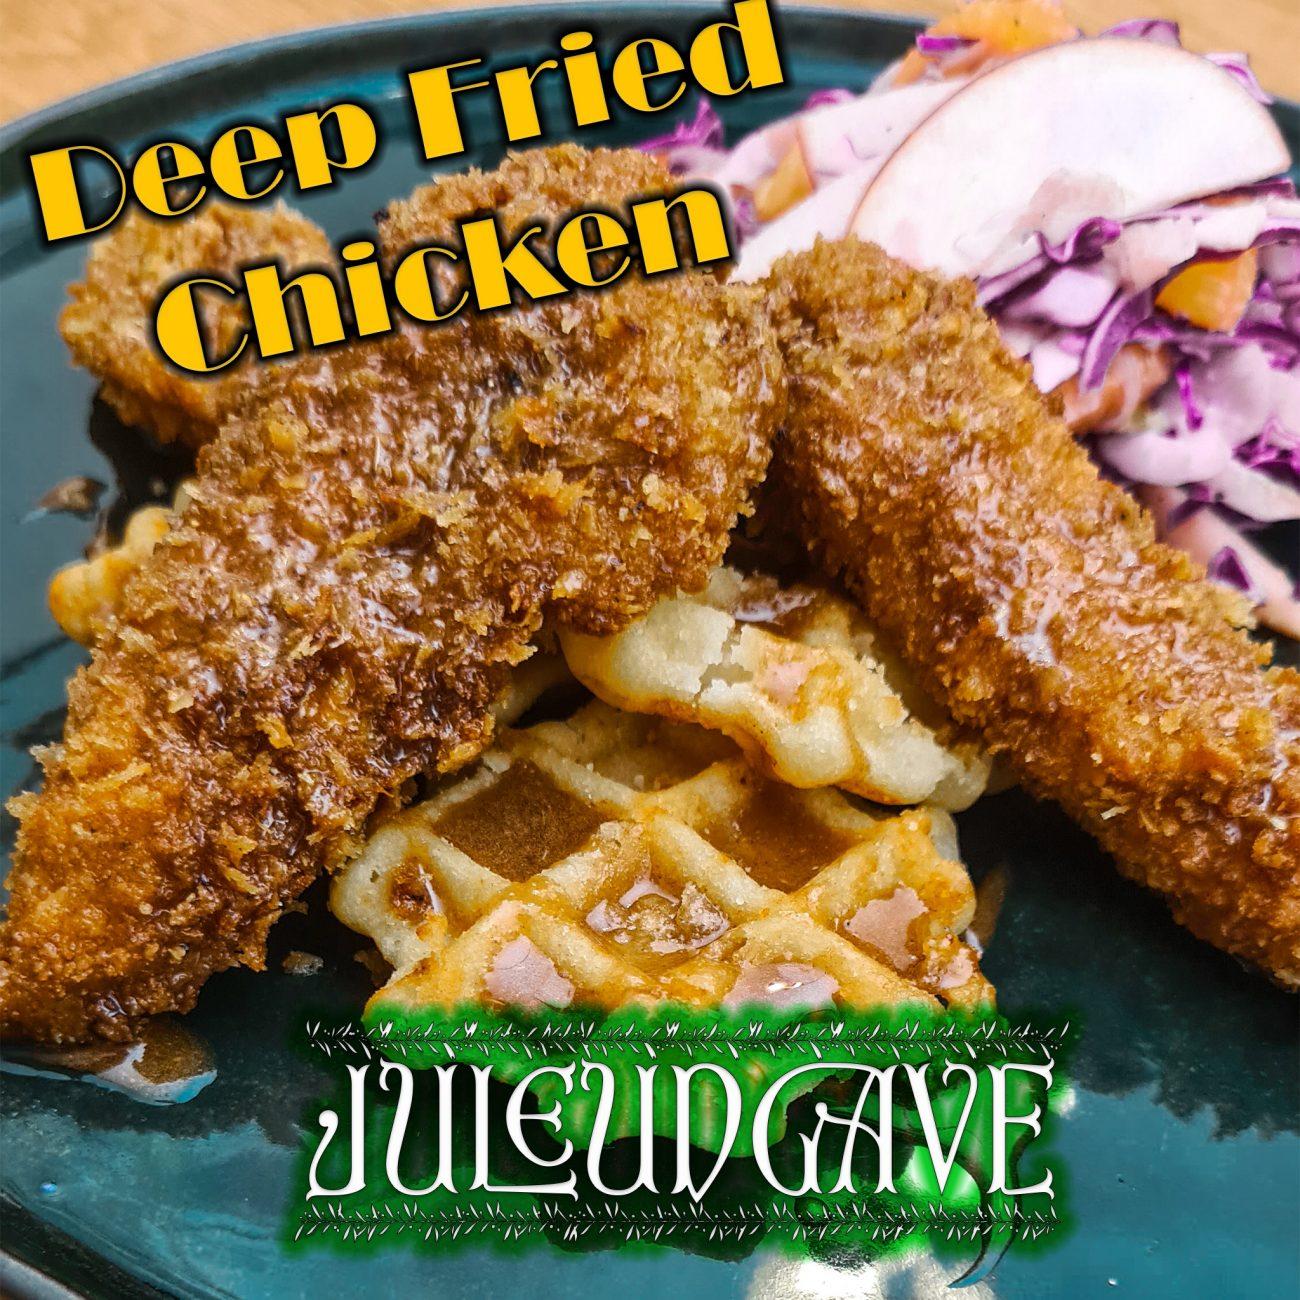 Deep Fried Chicken – Juleudgave